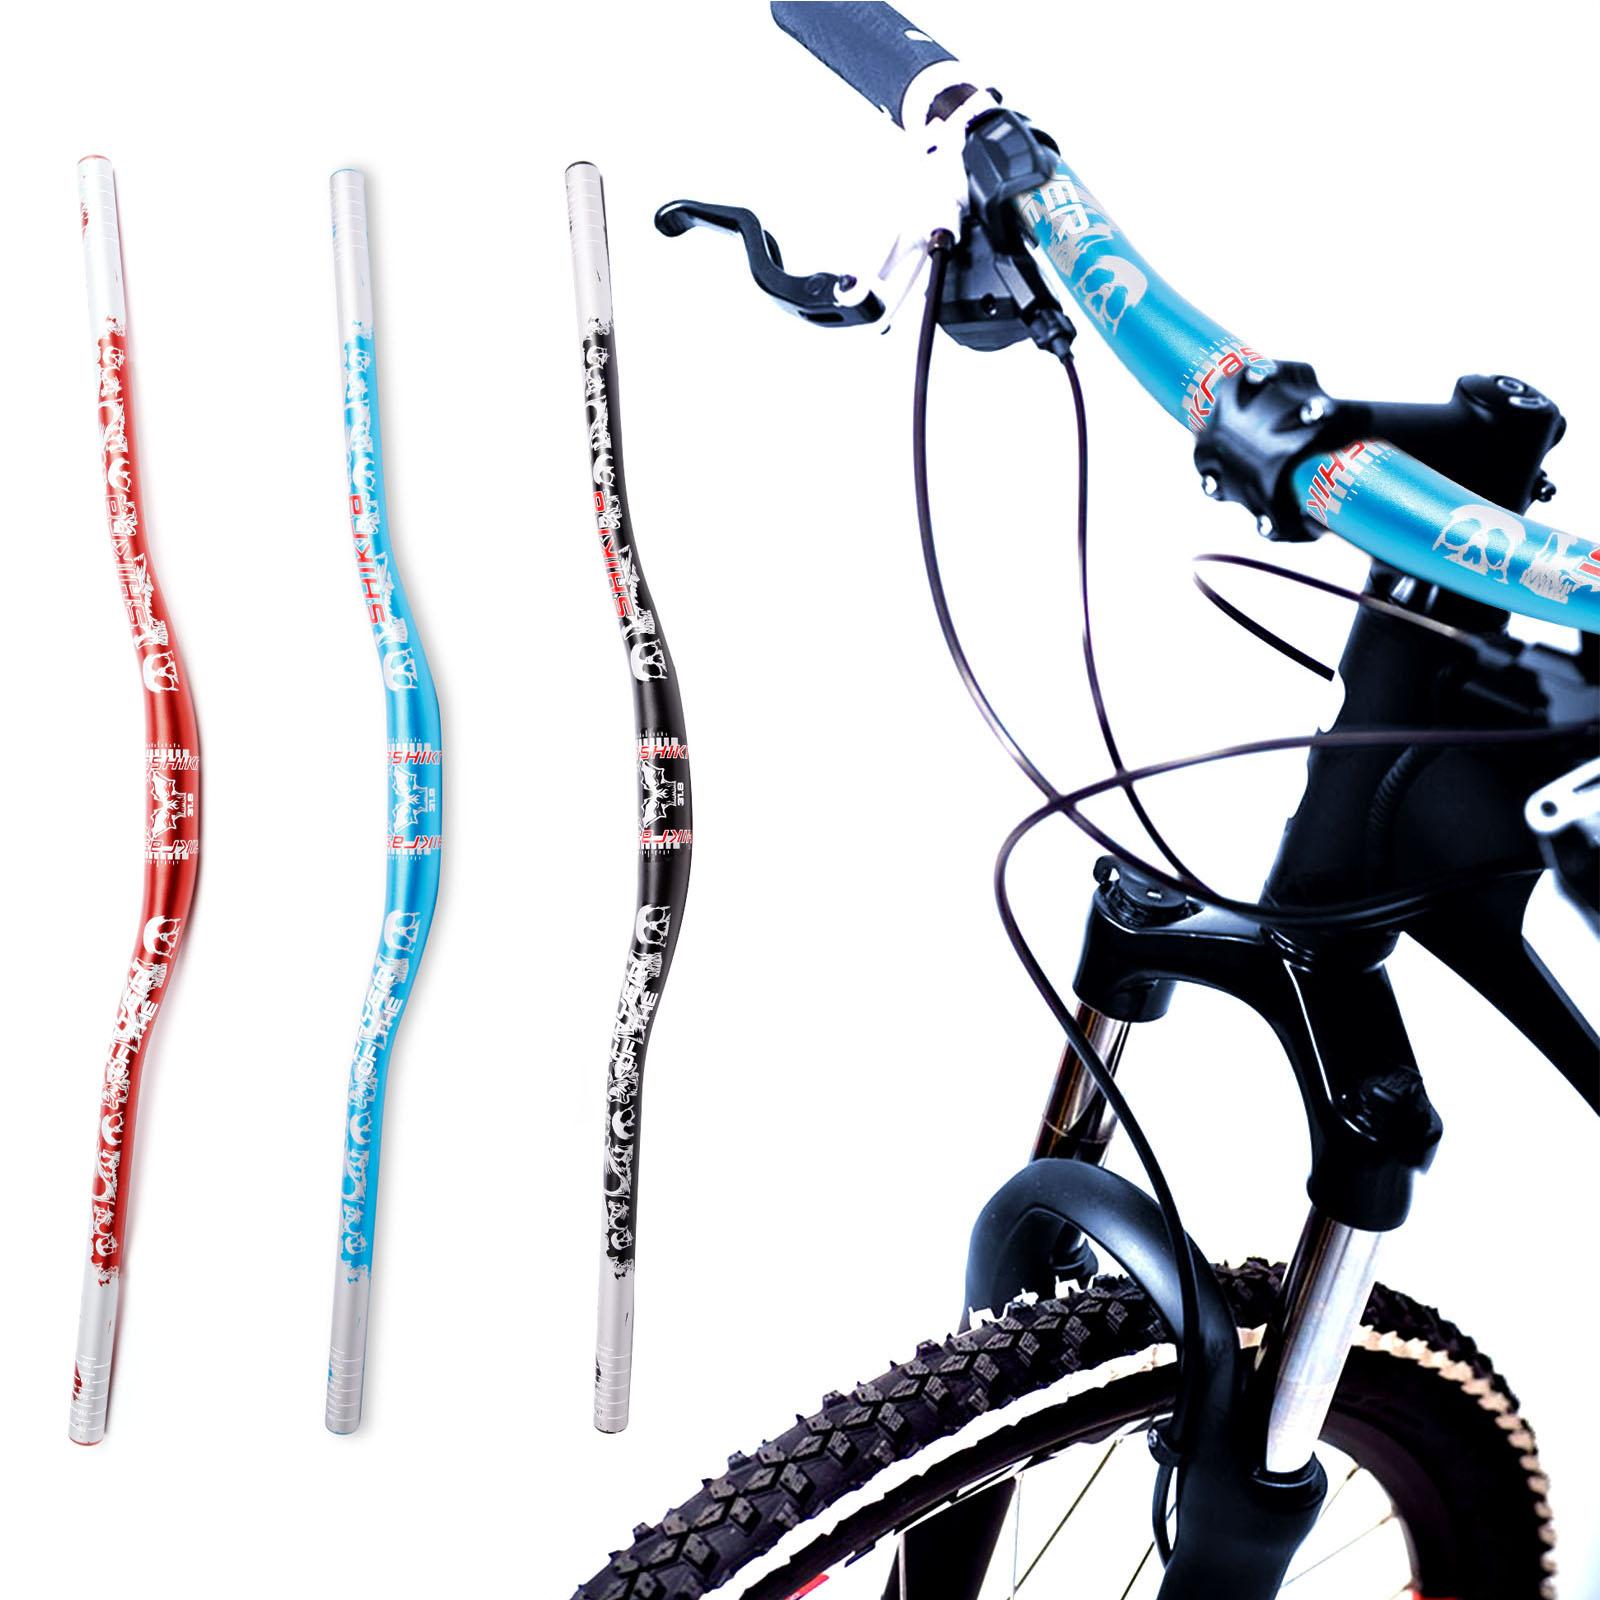 Riser Bar Lenker rekking Lenker Alu Lenker Riser Bar Fahrrad MTB Lenker Fahrrad Lenker 31,8x780mm